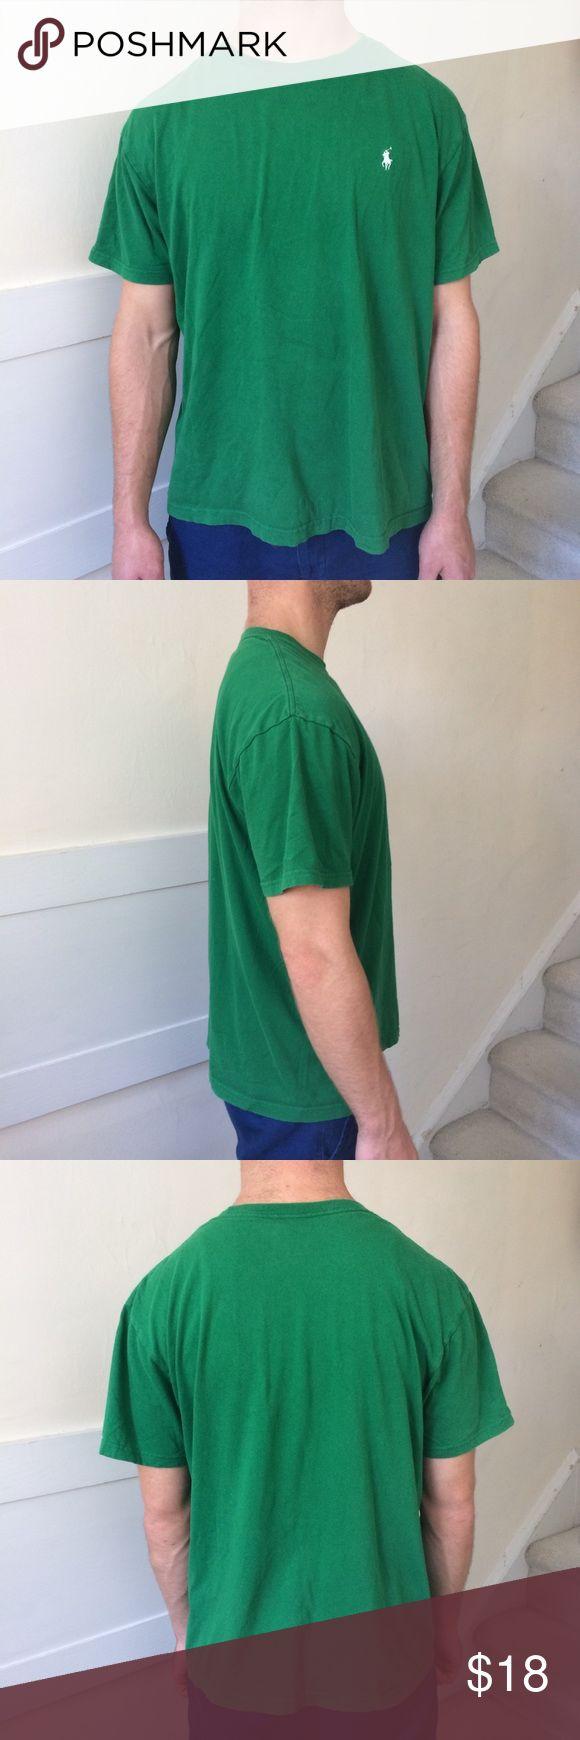 Polo by Ralph Lauren Green T Shirt